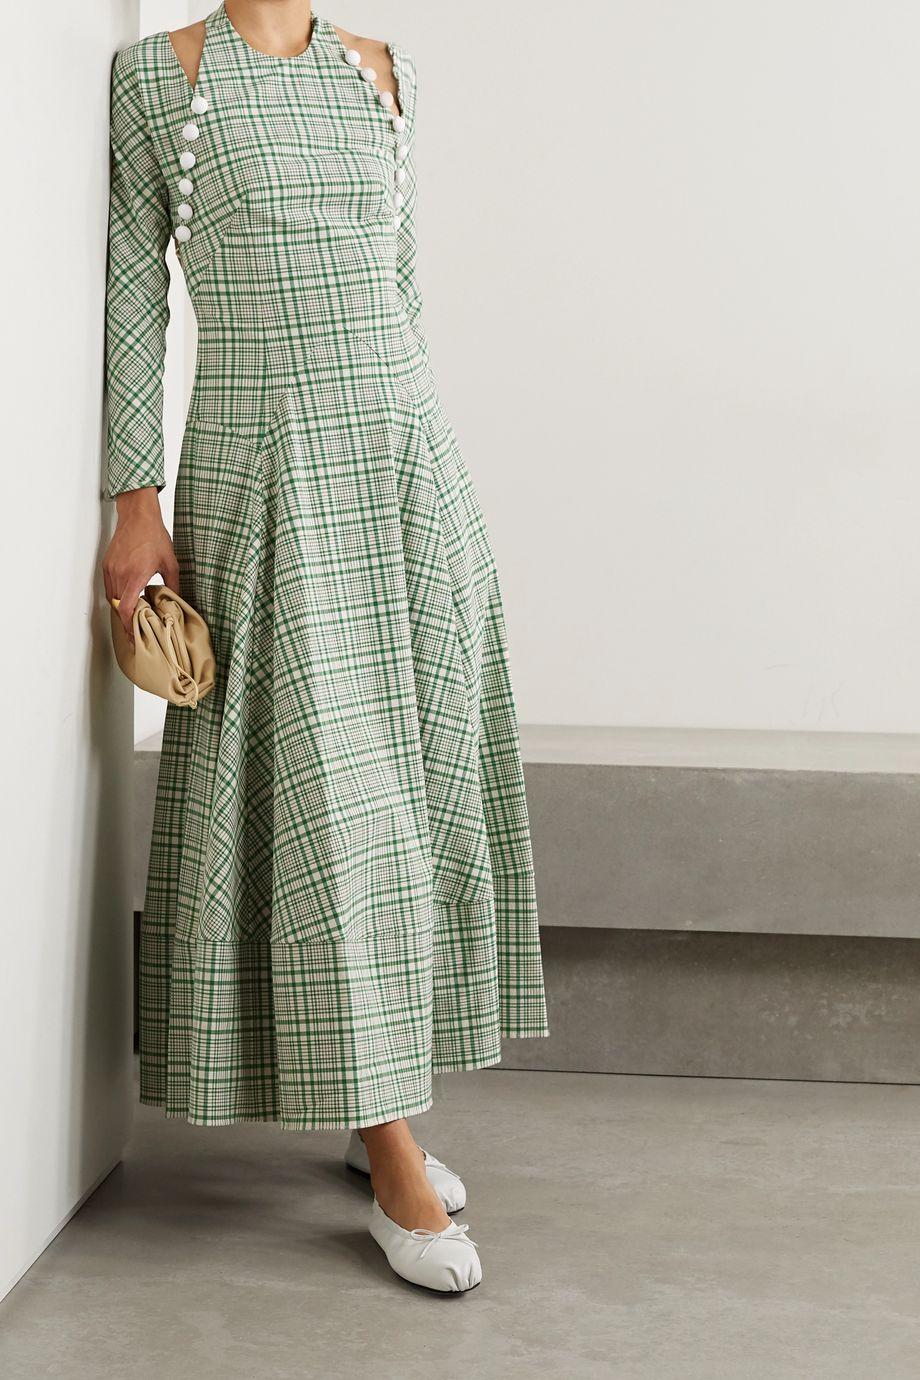 Rosie Assoulin Hold My Bolero wandelbares Maxikleid aus einer karierten Baumwollmischung mit Cut-outs